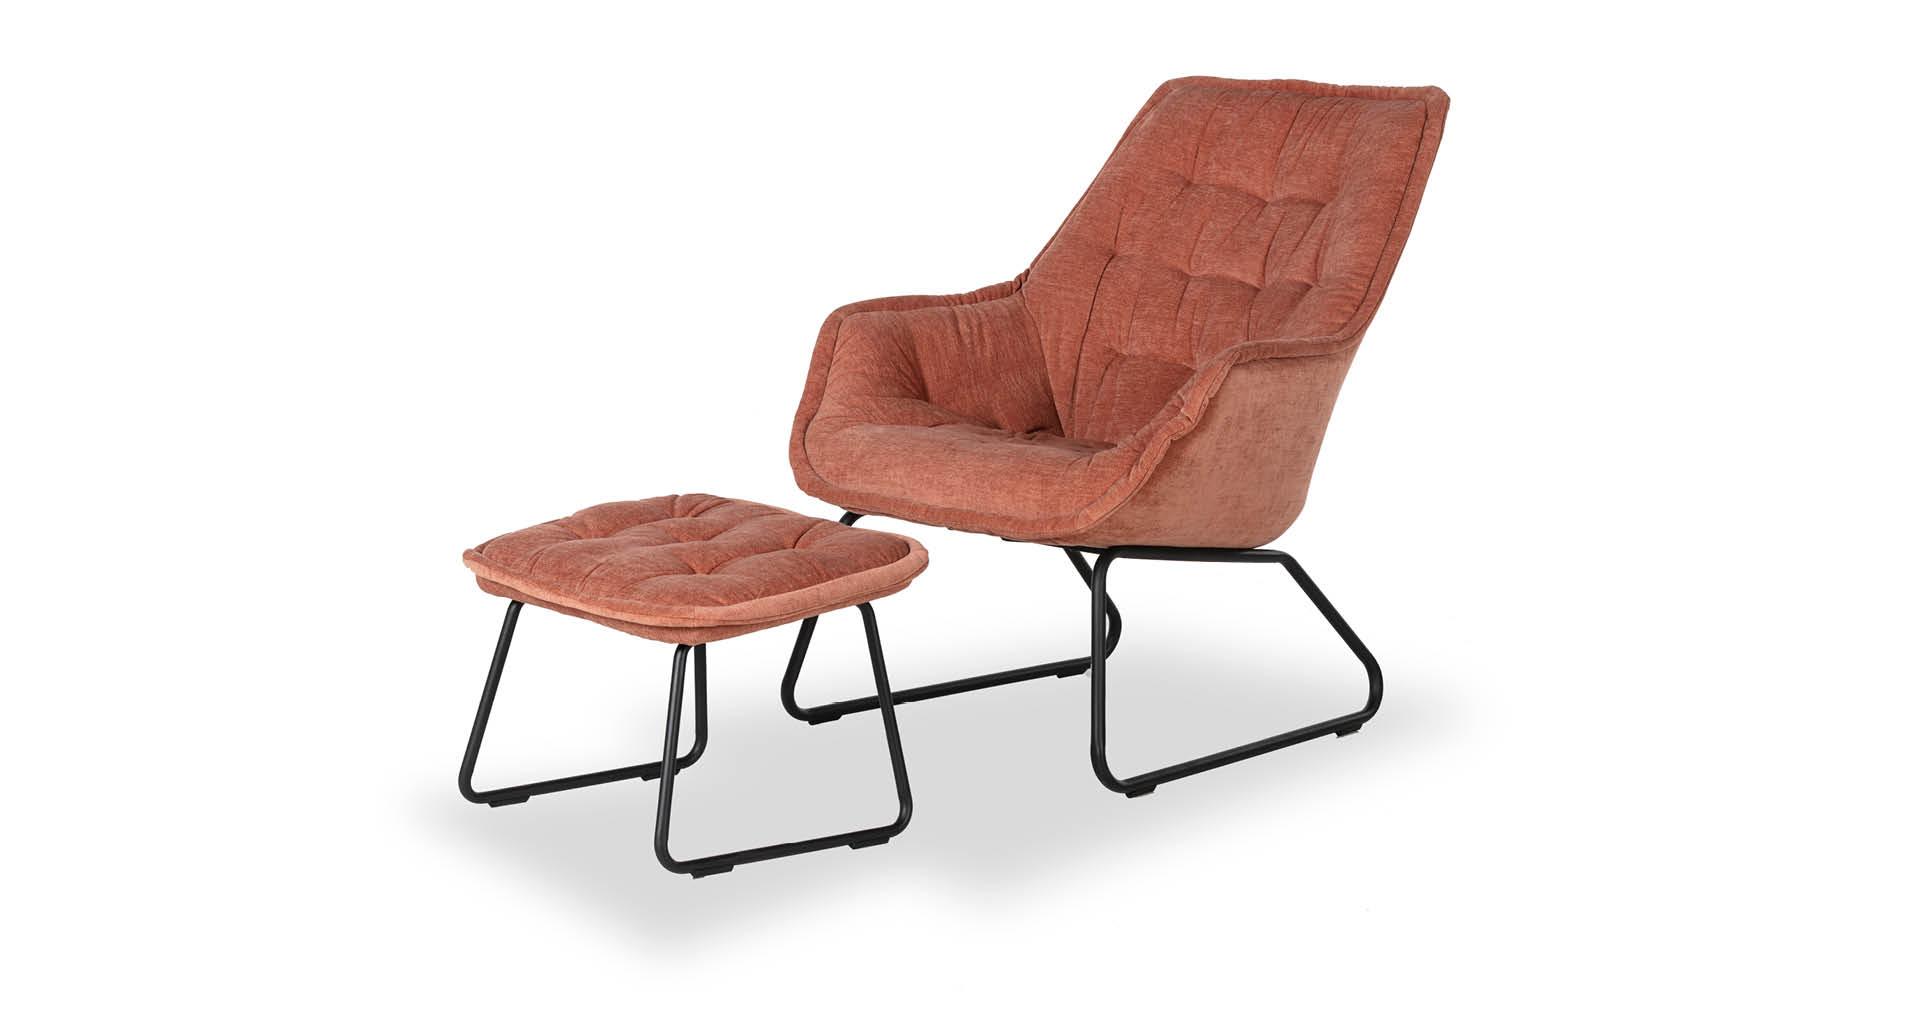 כורסא + הדום לוסי בגוון ורוד אפרסק